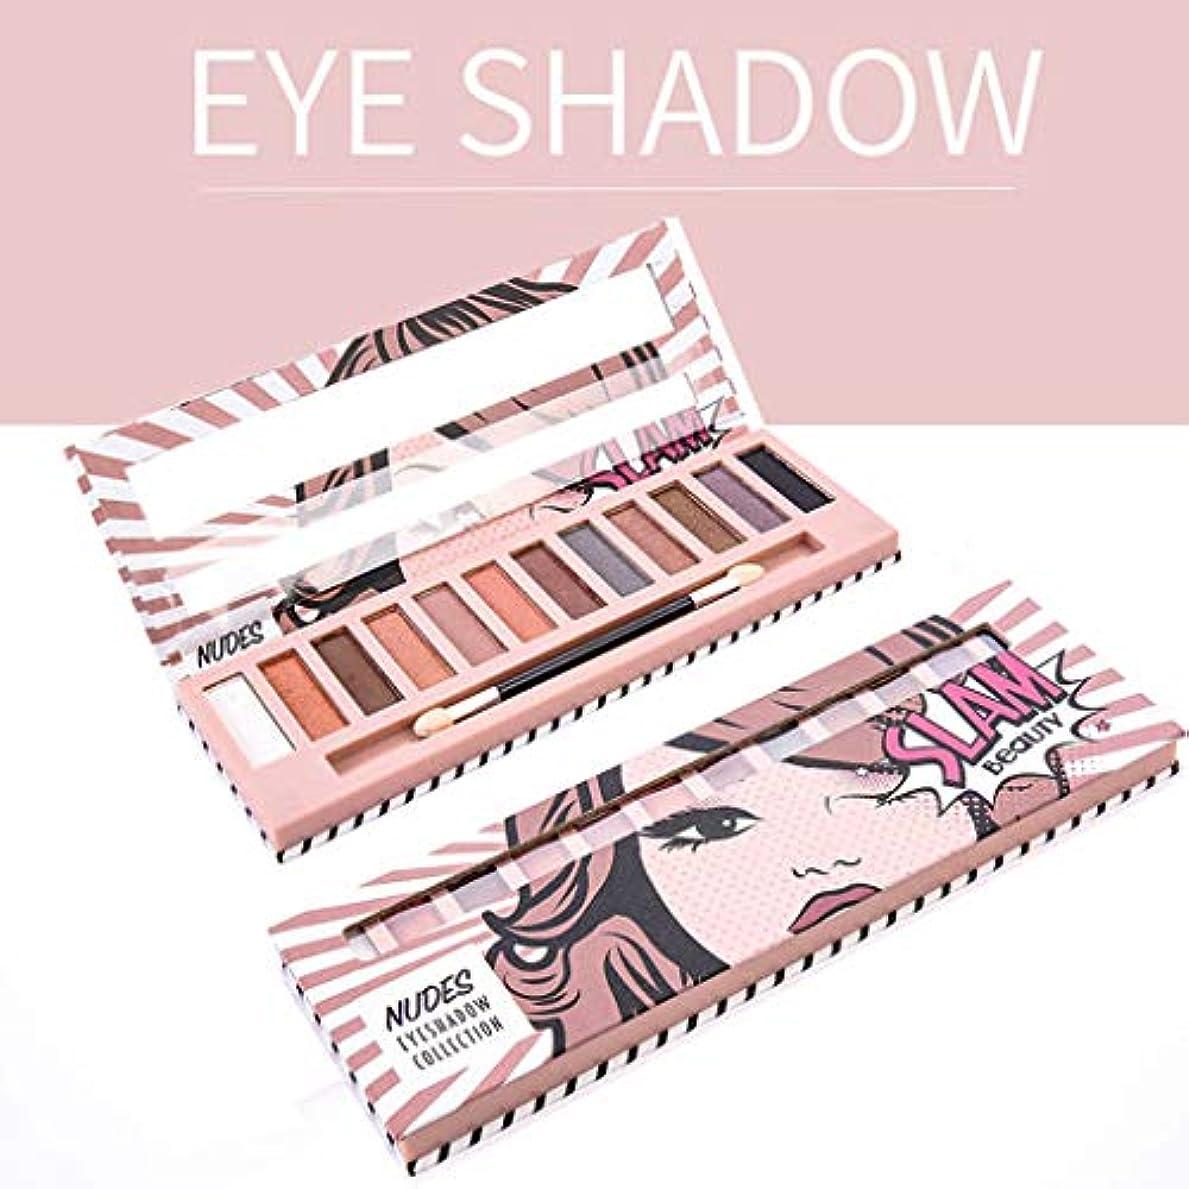 暴力的なハイキング準拠Akane アイシャドウパレット NUDES Slam Beauty 綺麗 マット 可愛い ファッション おしゃれ 人気 長持ち 持ち便利 Eye Shadow (12色)